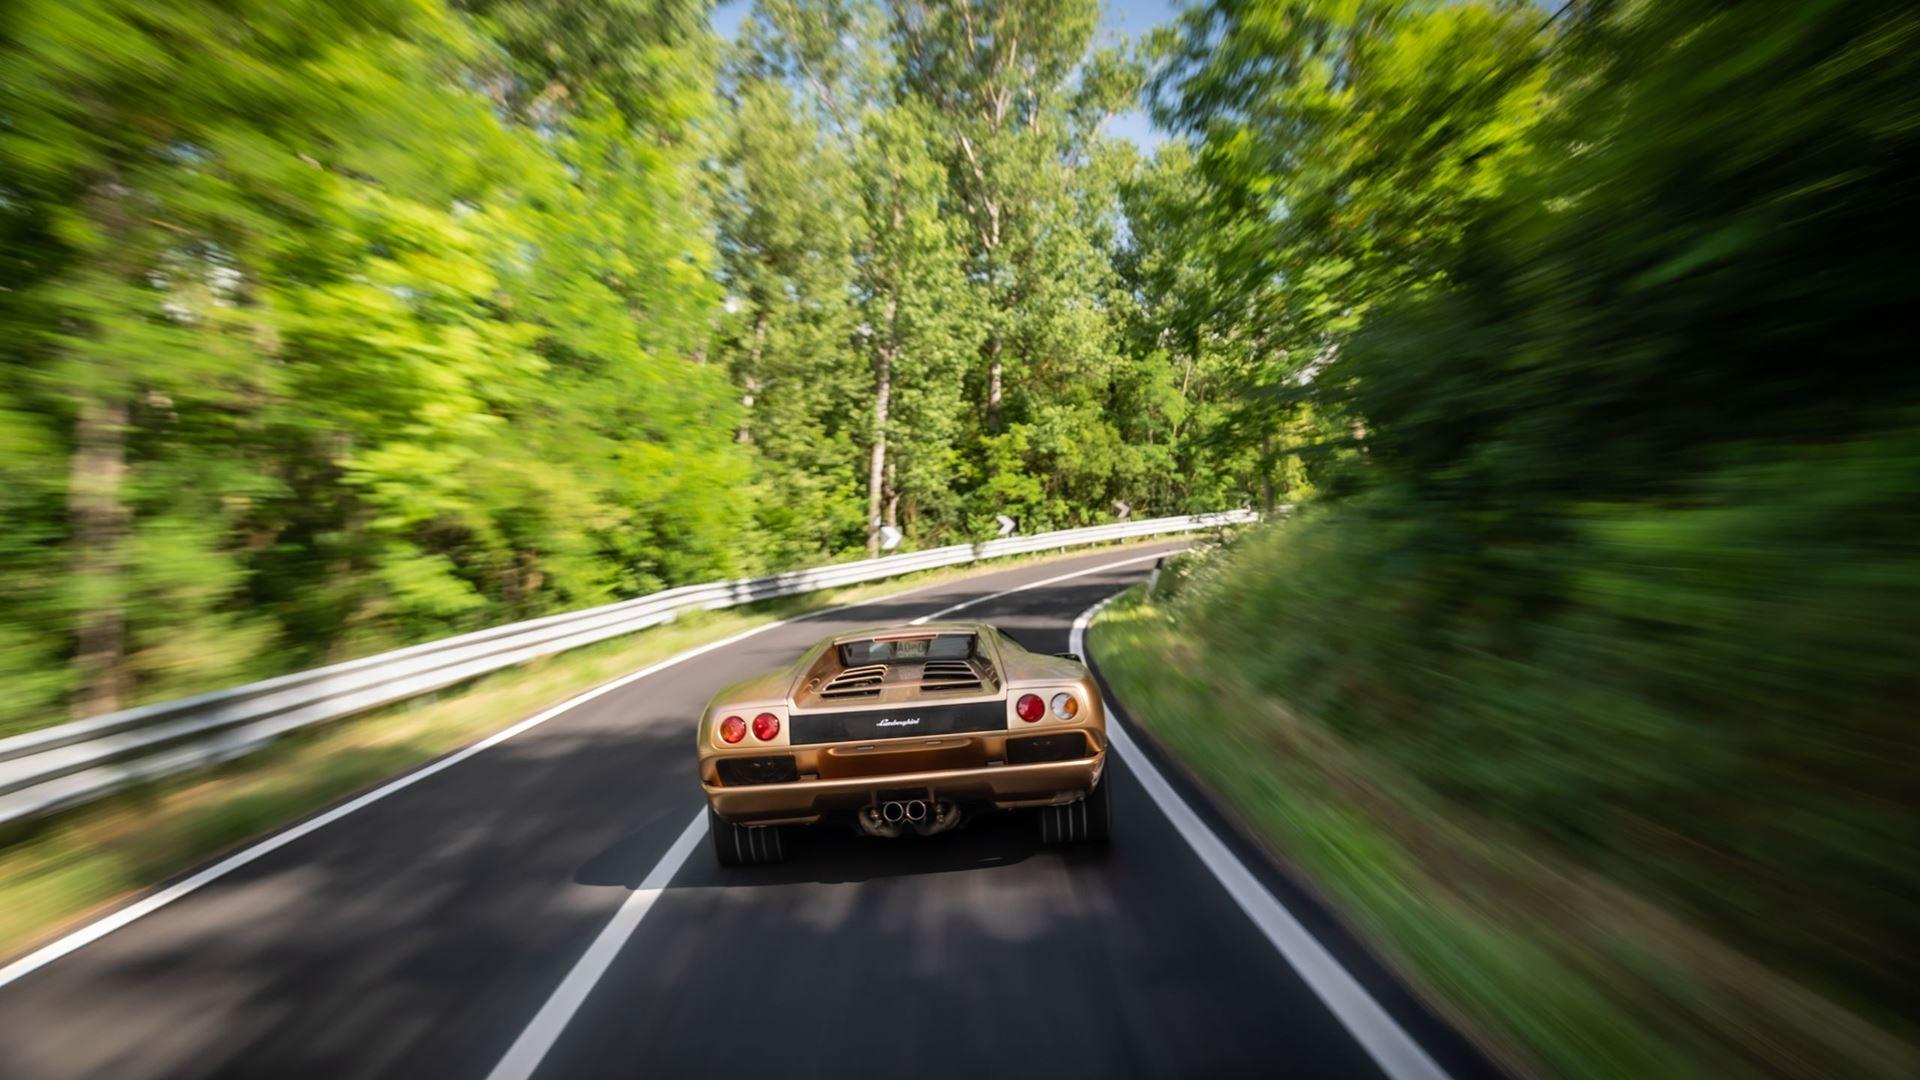 Lamborghini celebrates the 30th Anniversary of the Diablo - Image 4